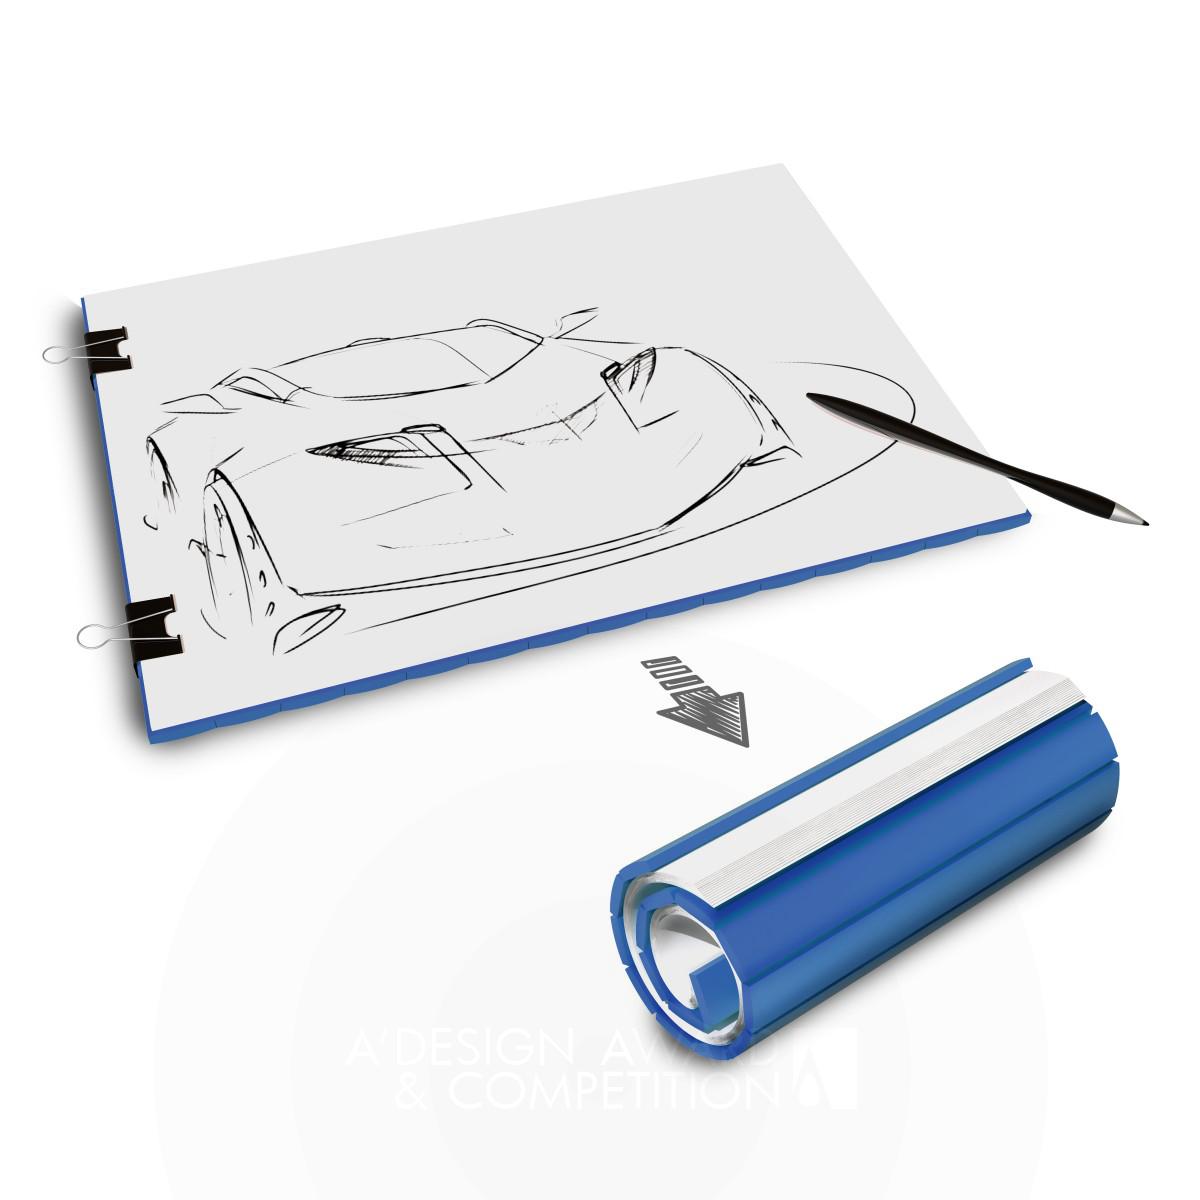 Roll it Sketch board